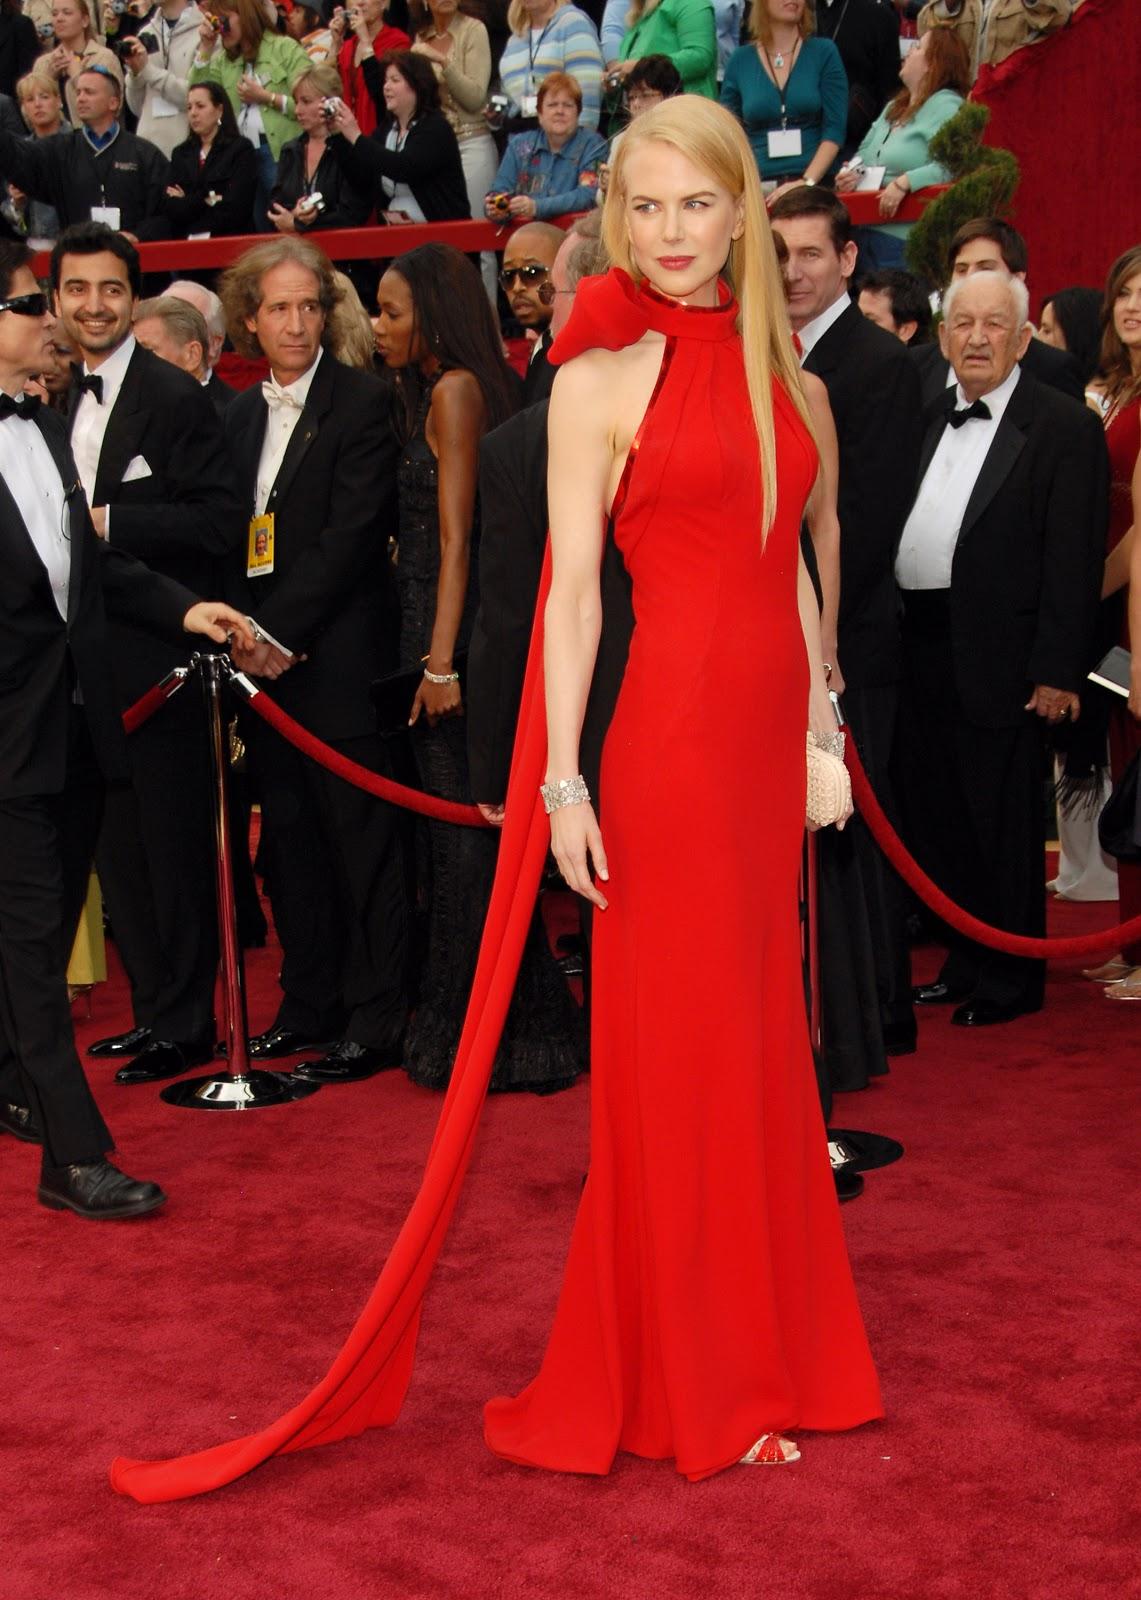 Nicole Kidman Oscar 2007